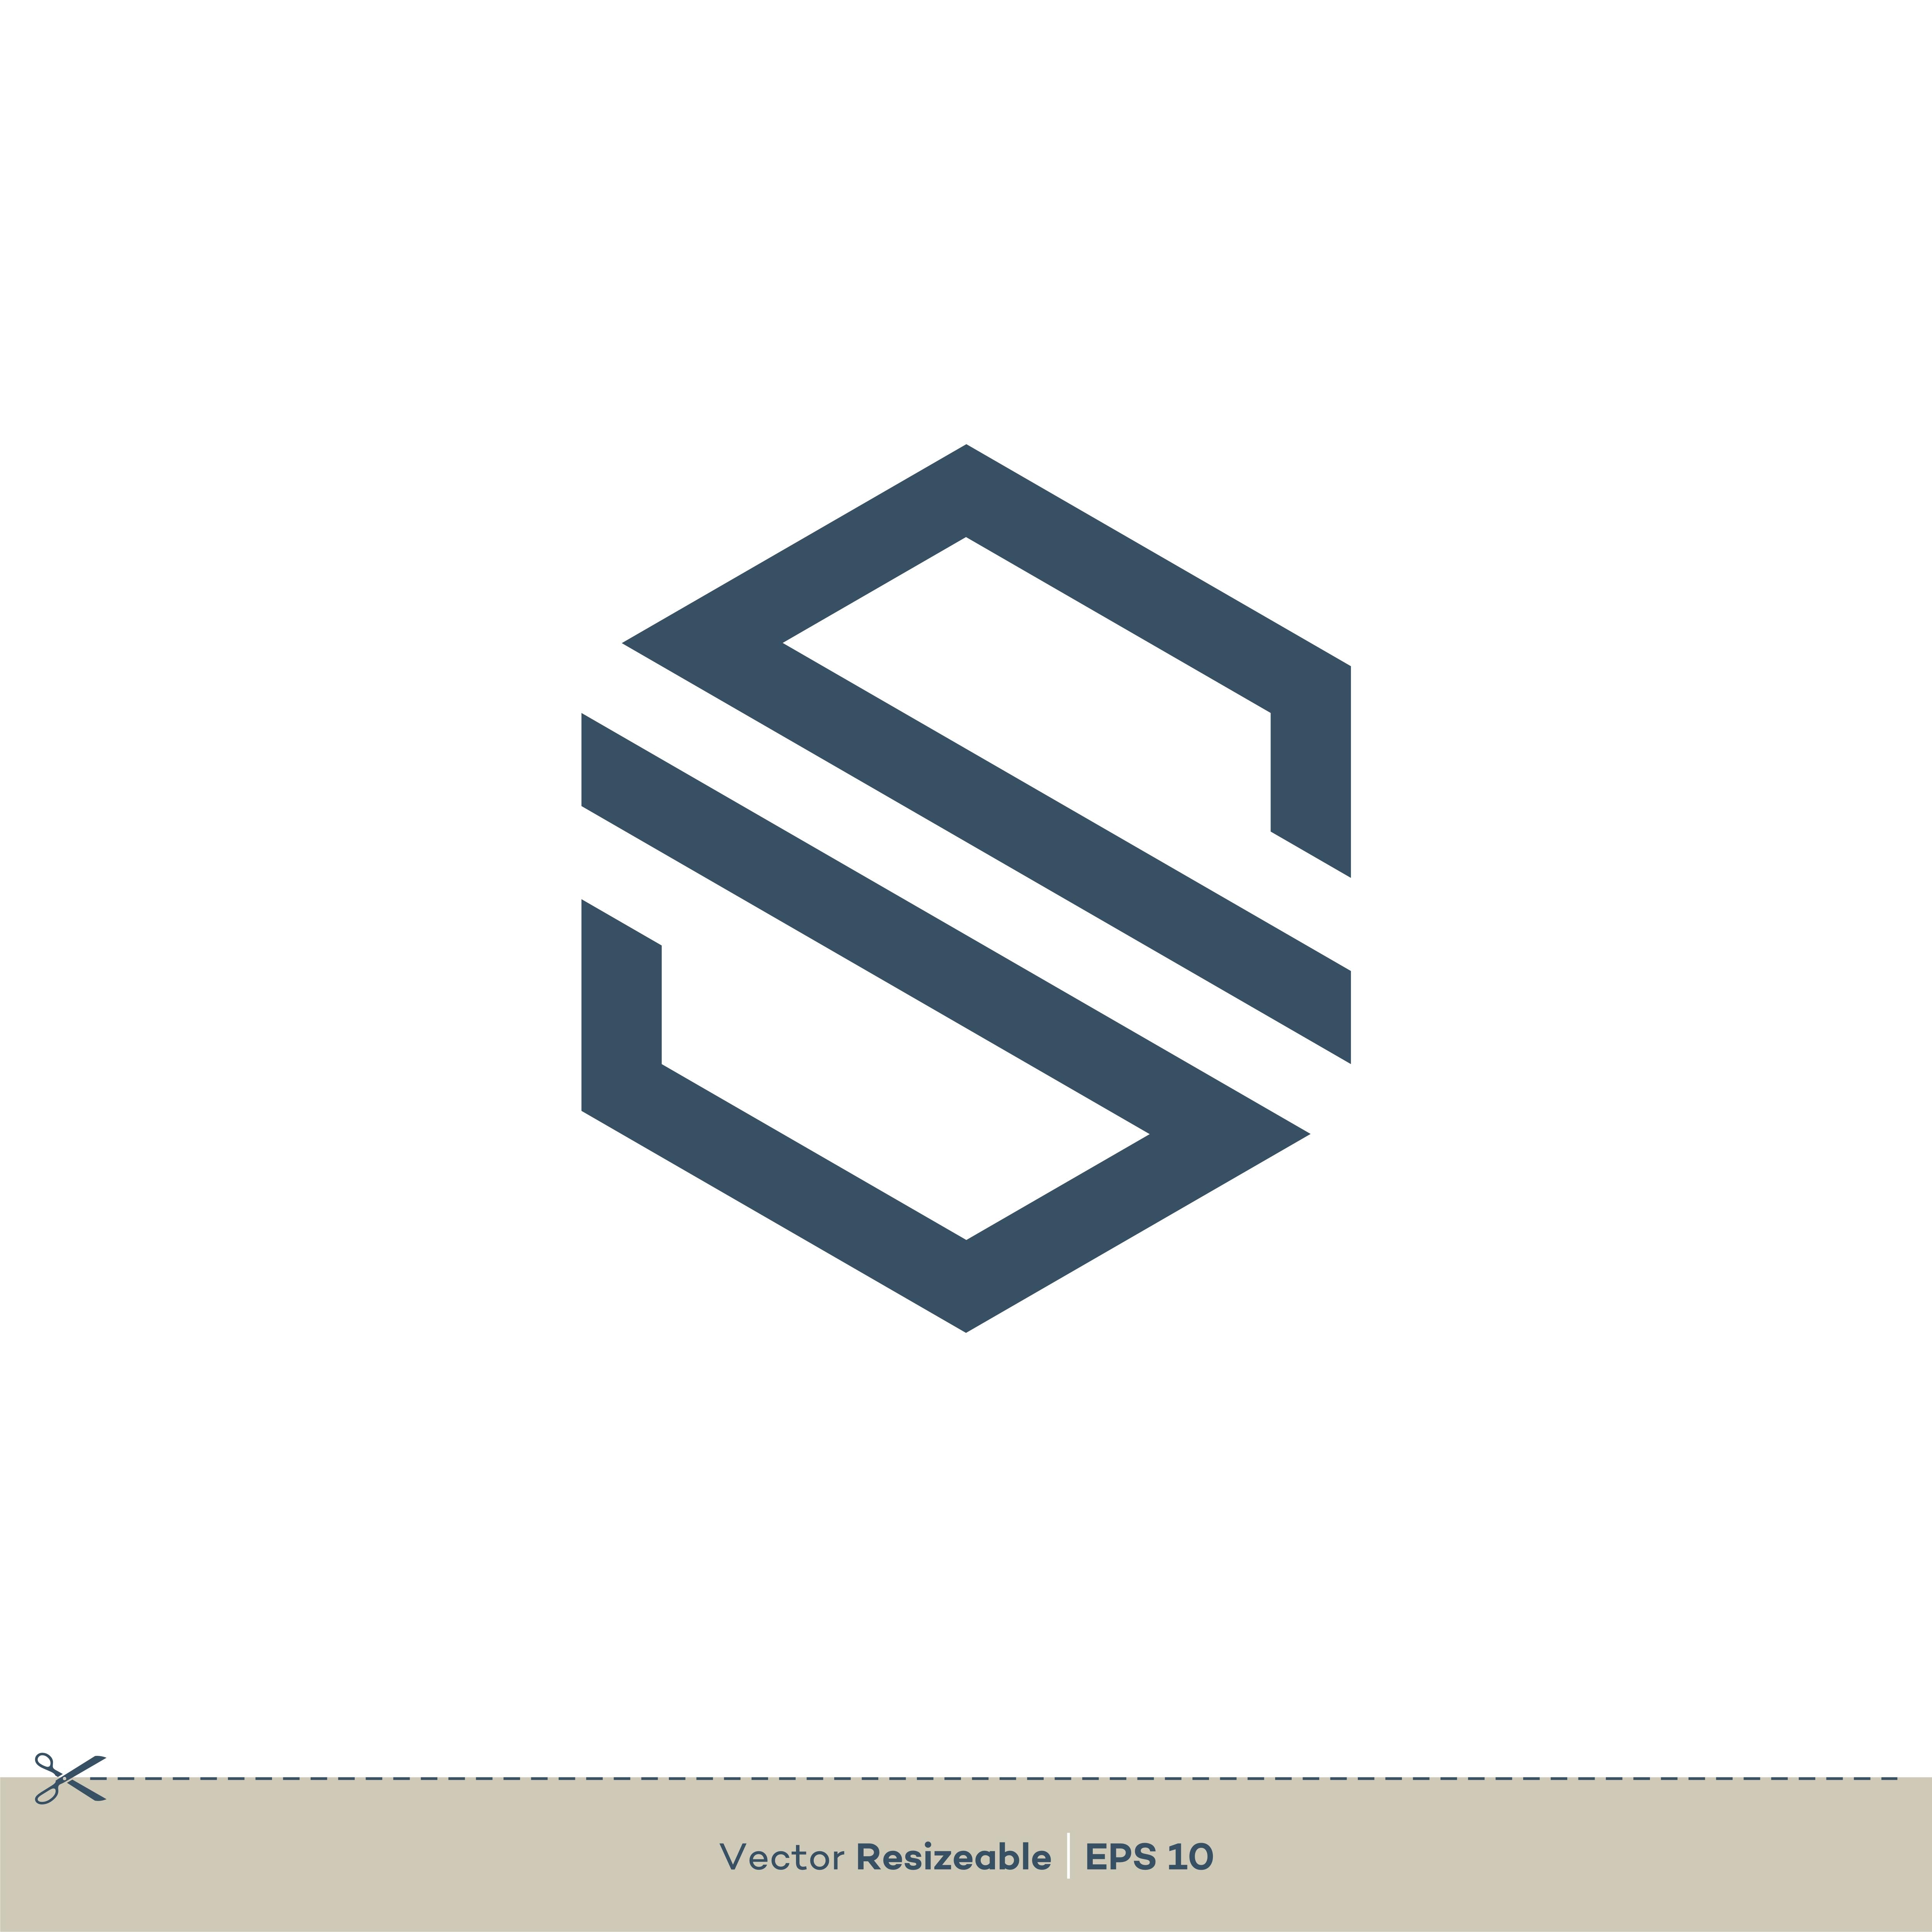 S Letter Hexagonal Shape Logo Template